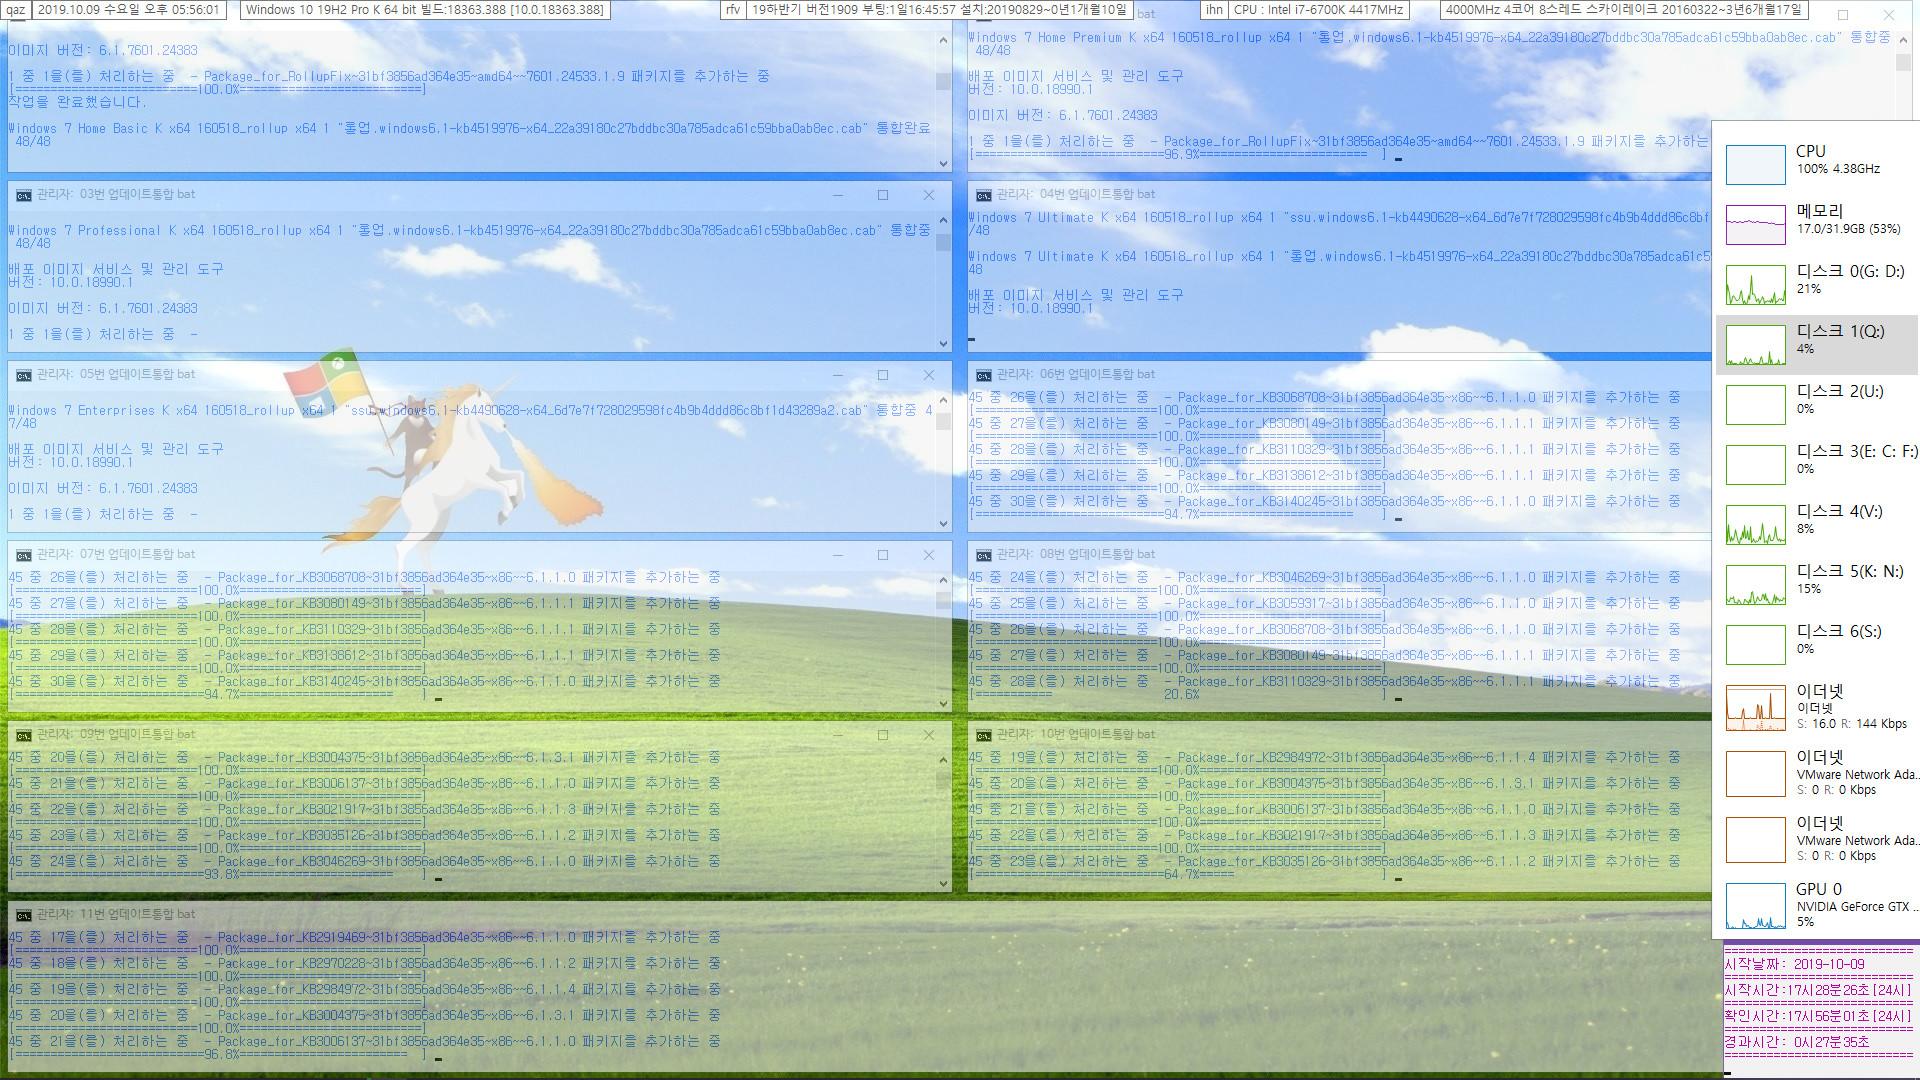 2019년 10월 9일 정기 업데이트 나왔네요 - Windows 7 롤업 업데이트 KB4519976 (OS 빌드 7601.24533) [2019-10-08 일자] IE11 통합중 입니다 2019-10-09_175601.jpg